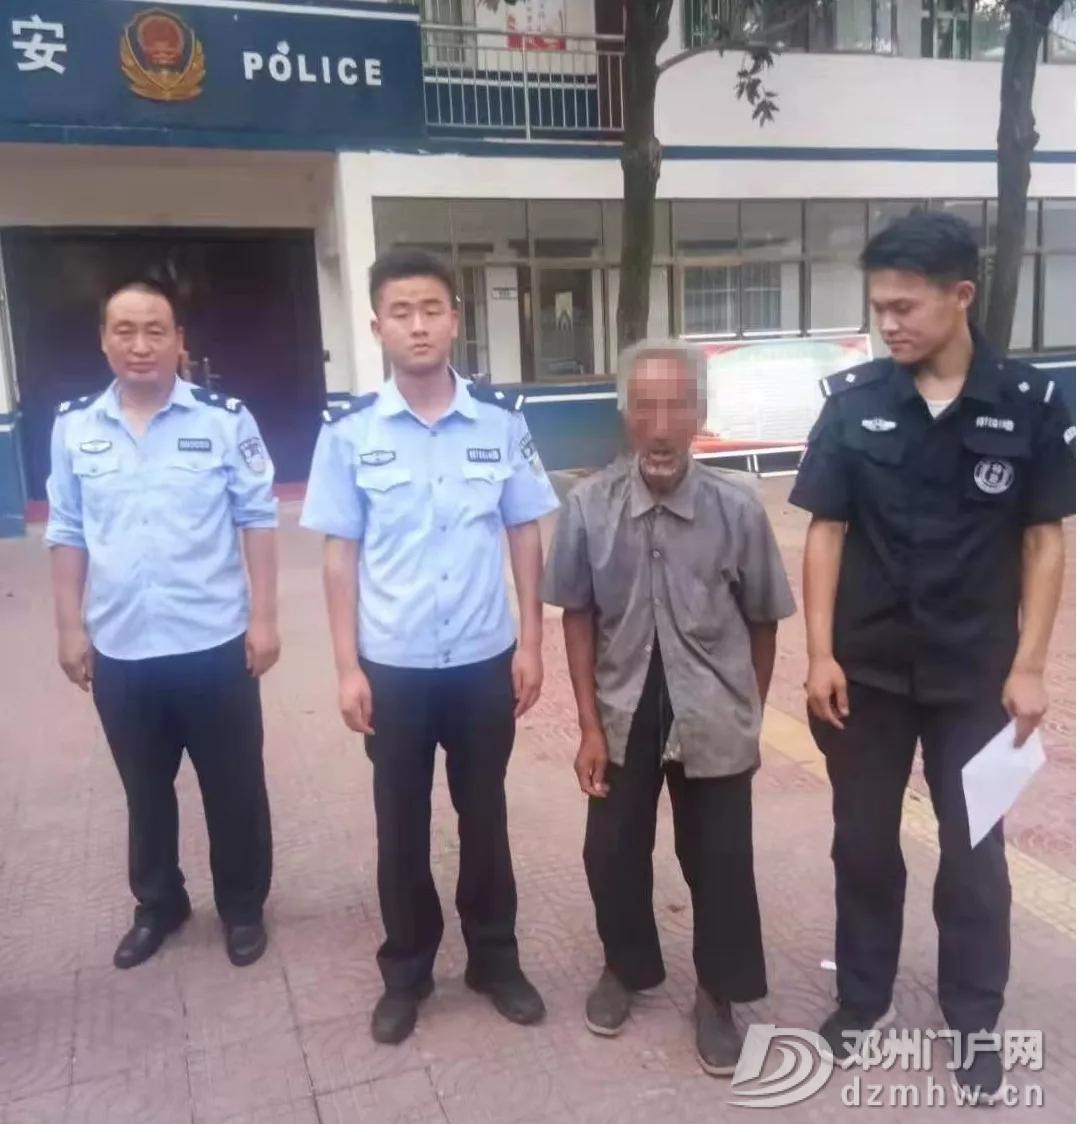 邓州一走失5保老人,在民警暖心帮助下回家 - 邓州门户网|邓州网 - 6401.webp1.jpg